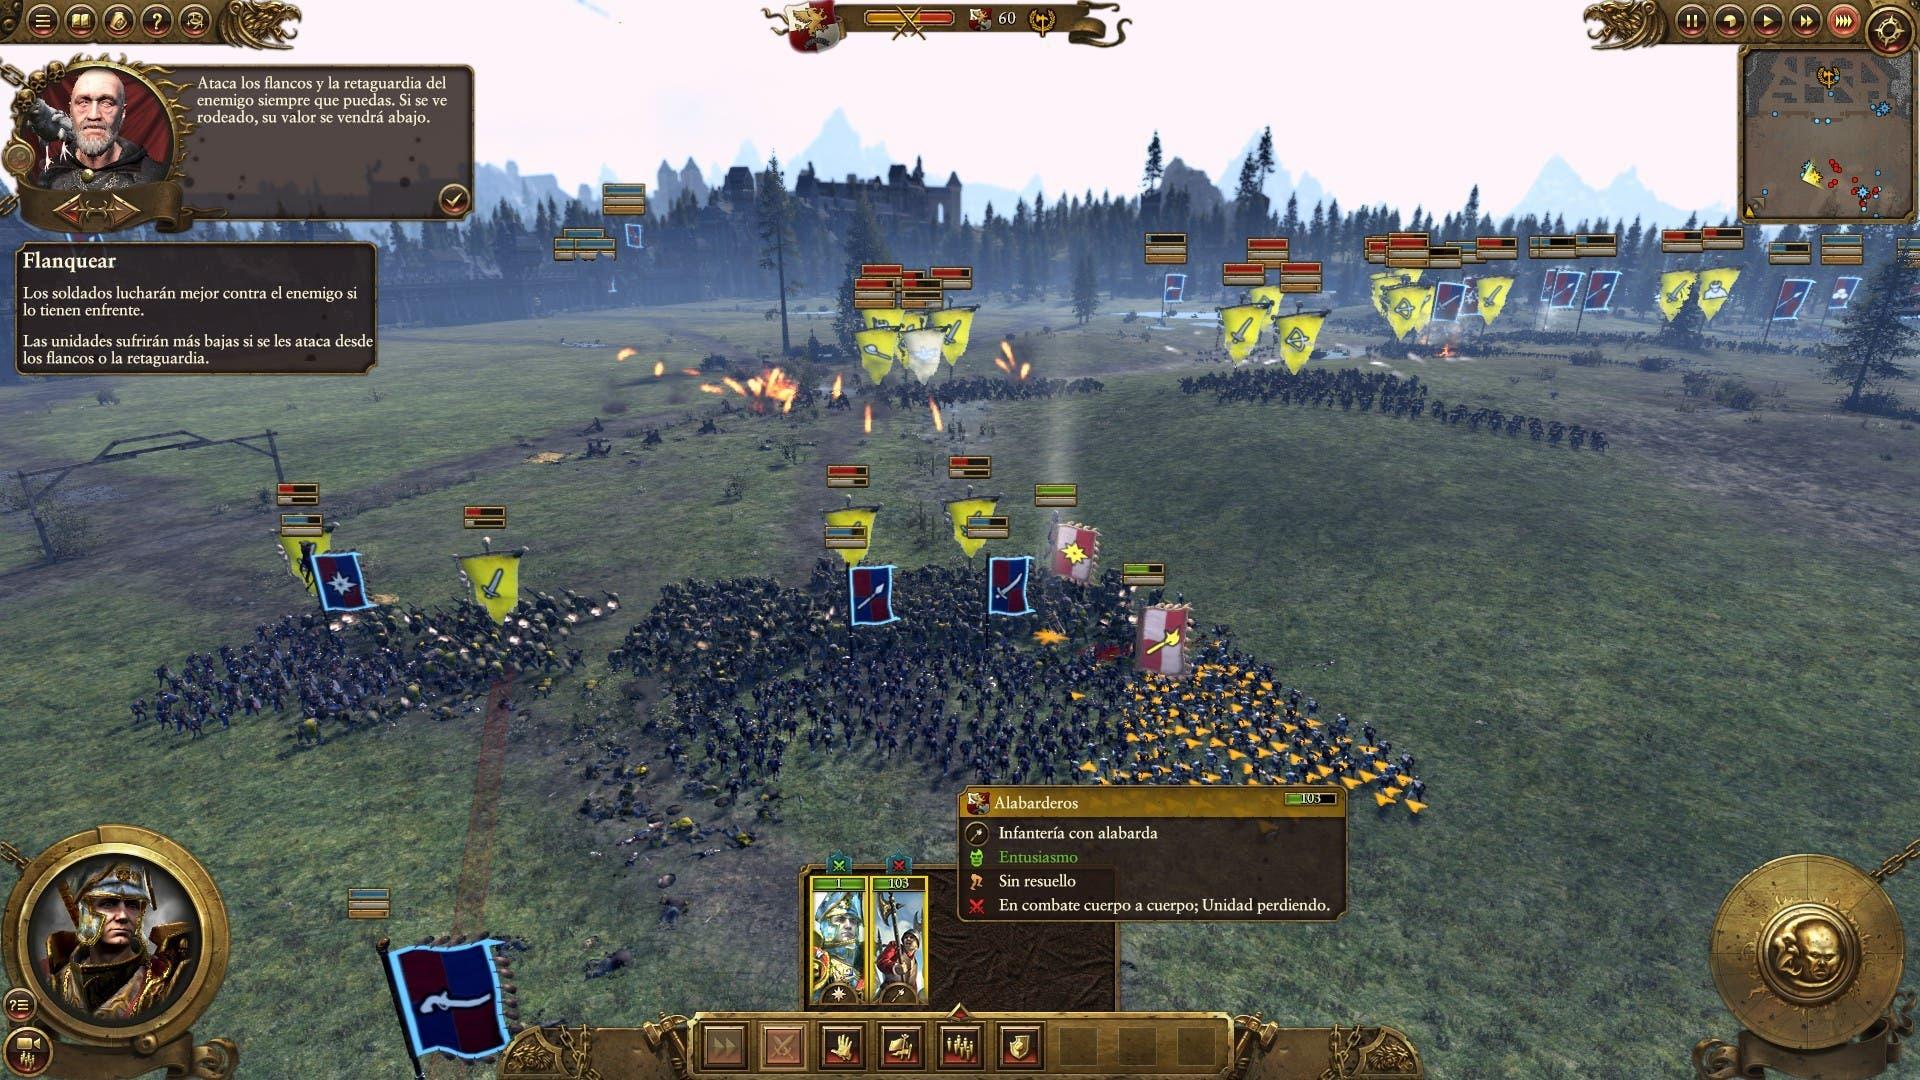 Batalla - Total War: Warhammer